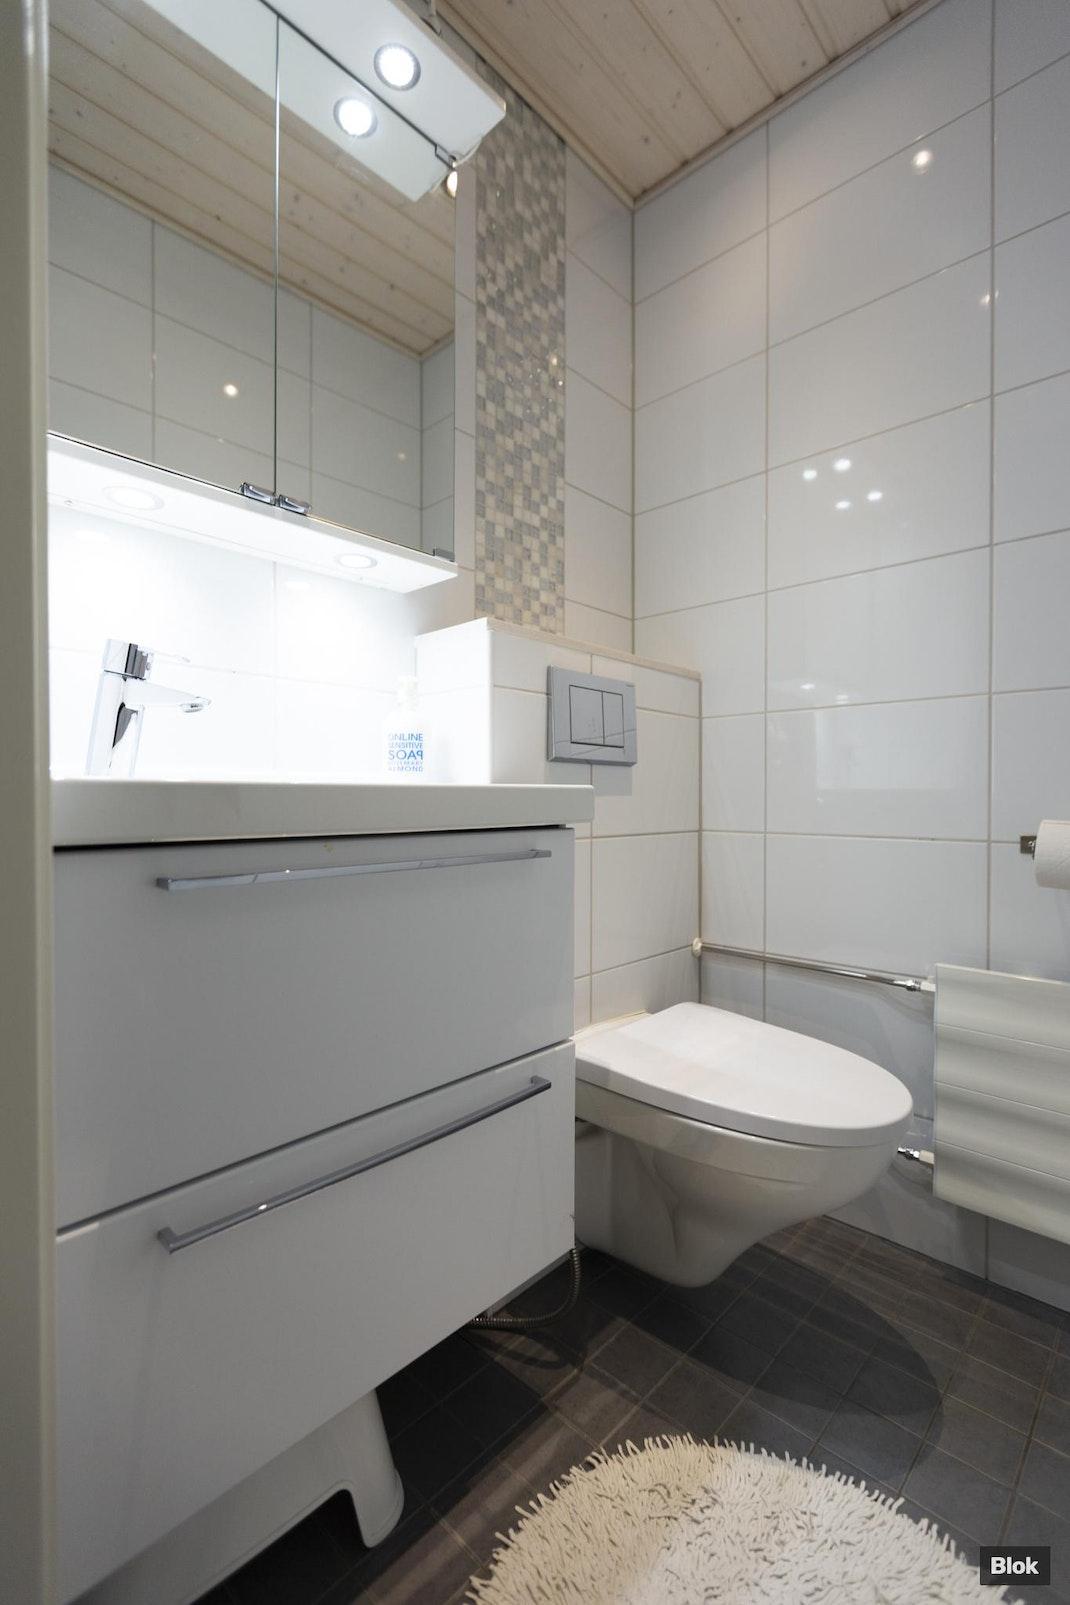 Satukuja 1 H 43 Kylpyhuone & Erillinen WC